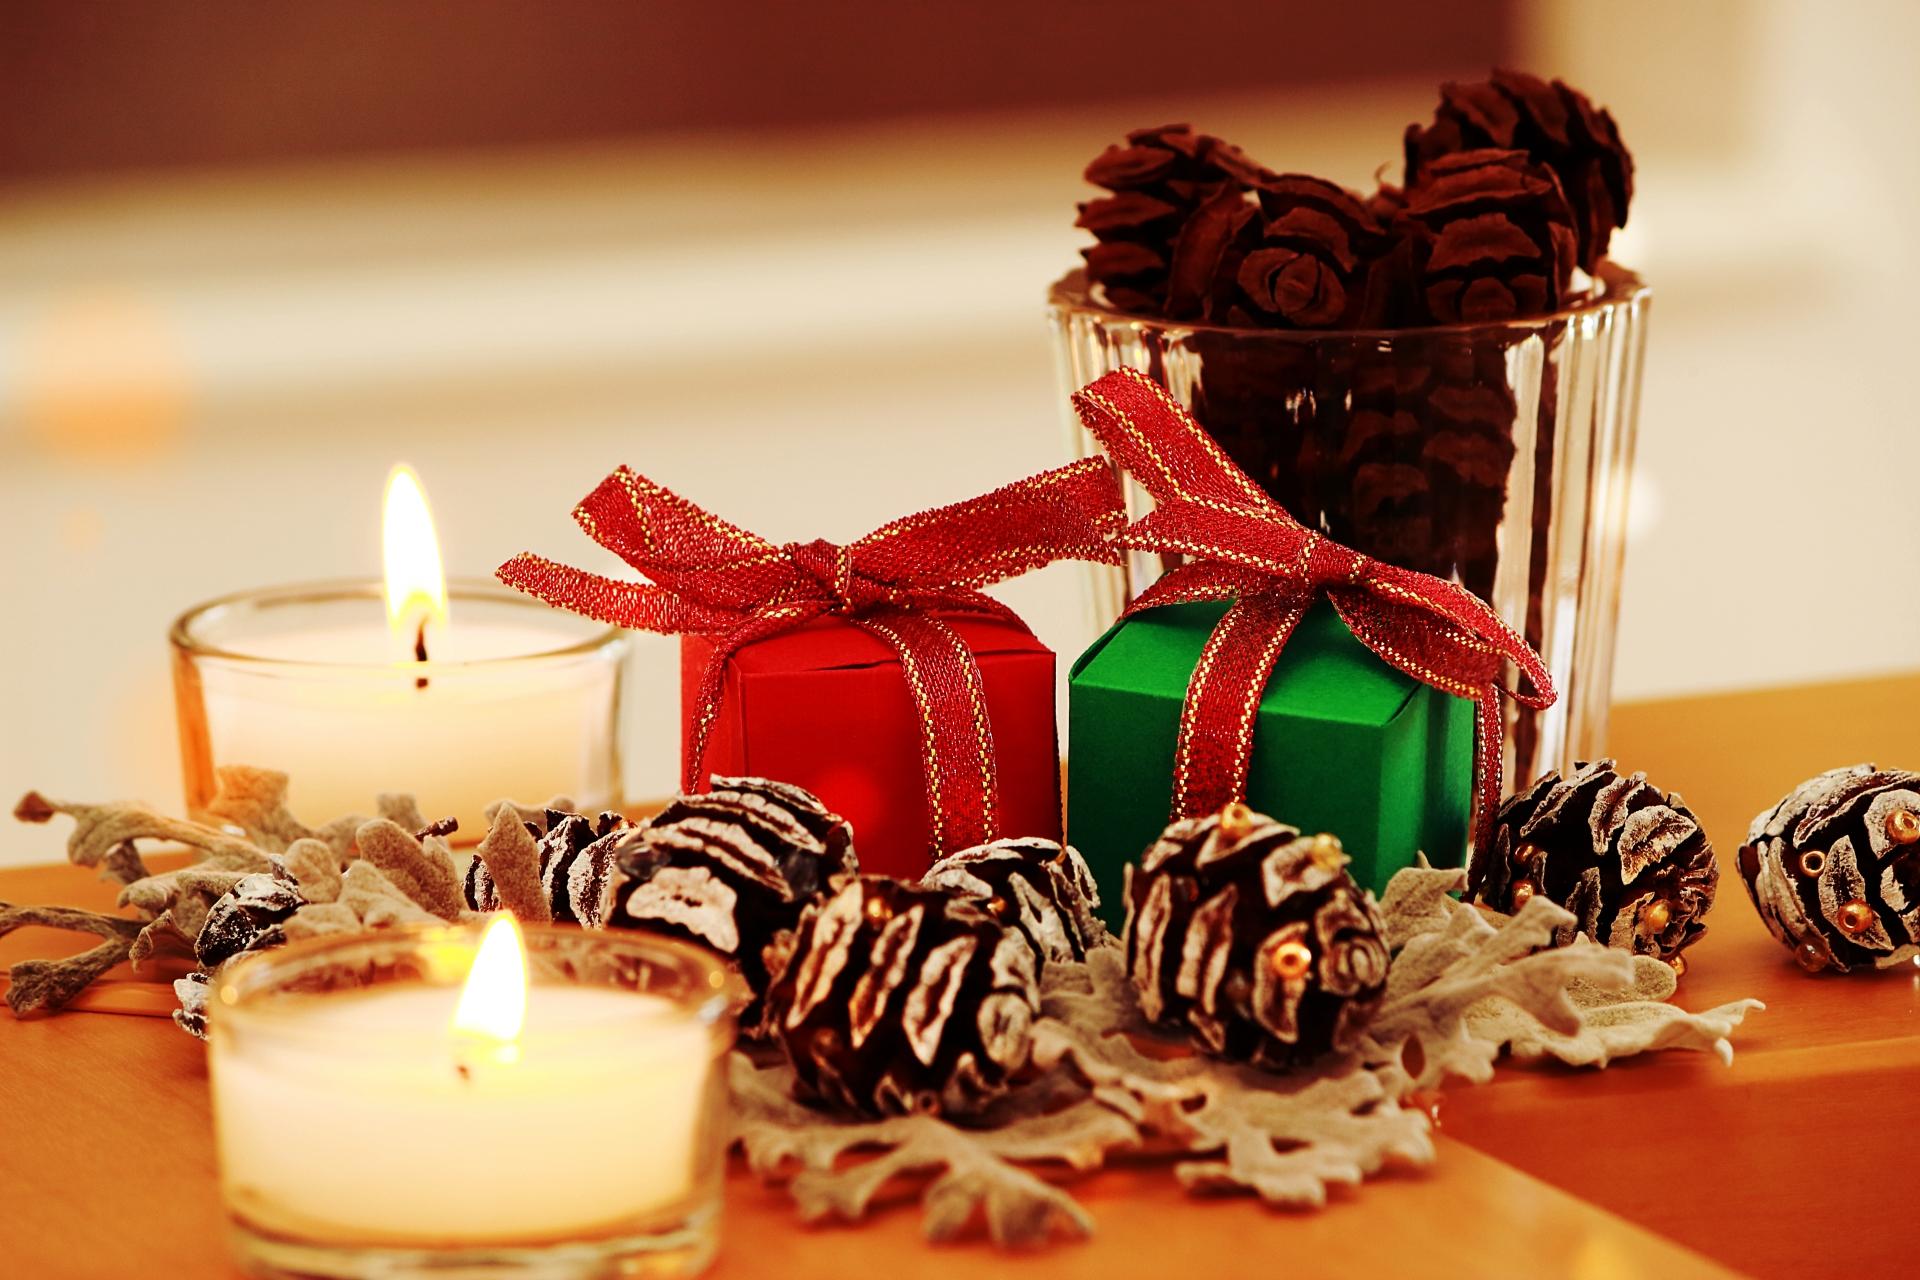 彼氏に贈るクリスマスプレゼントのおすすめ15選!マフラーや時計も